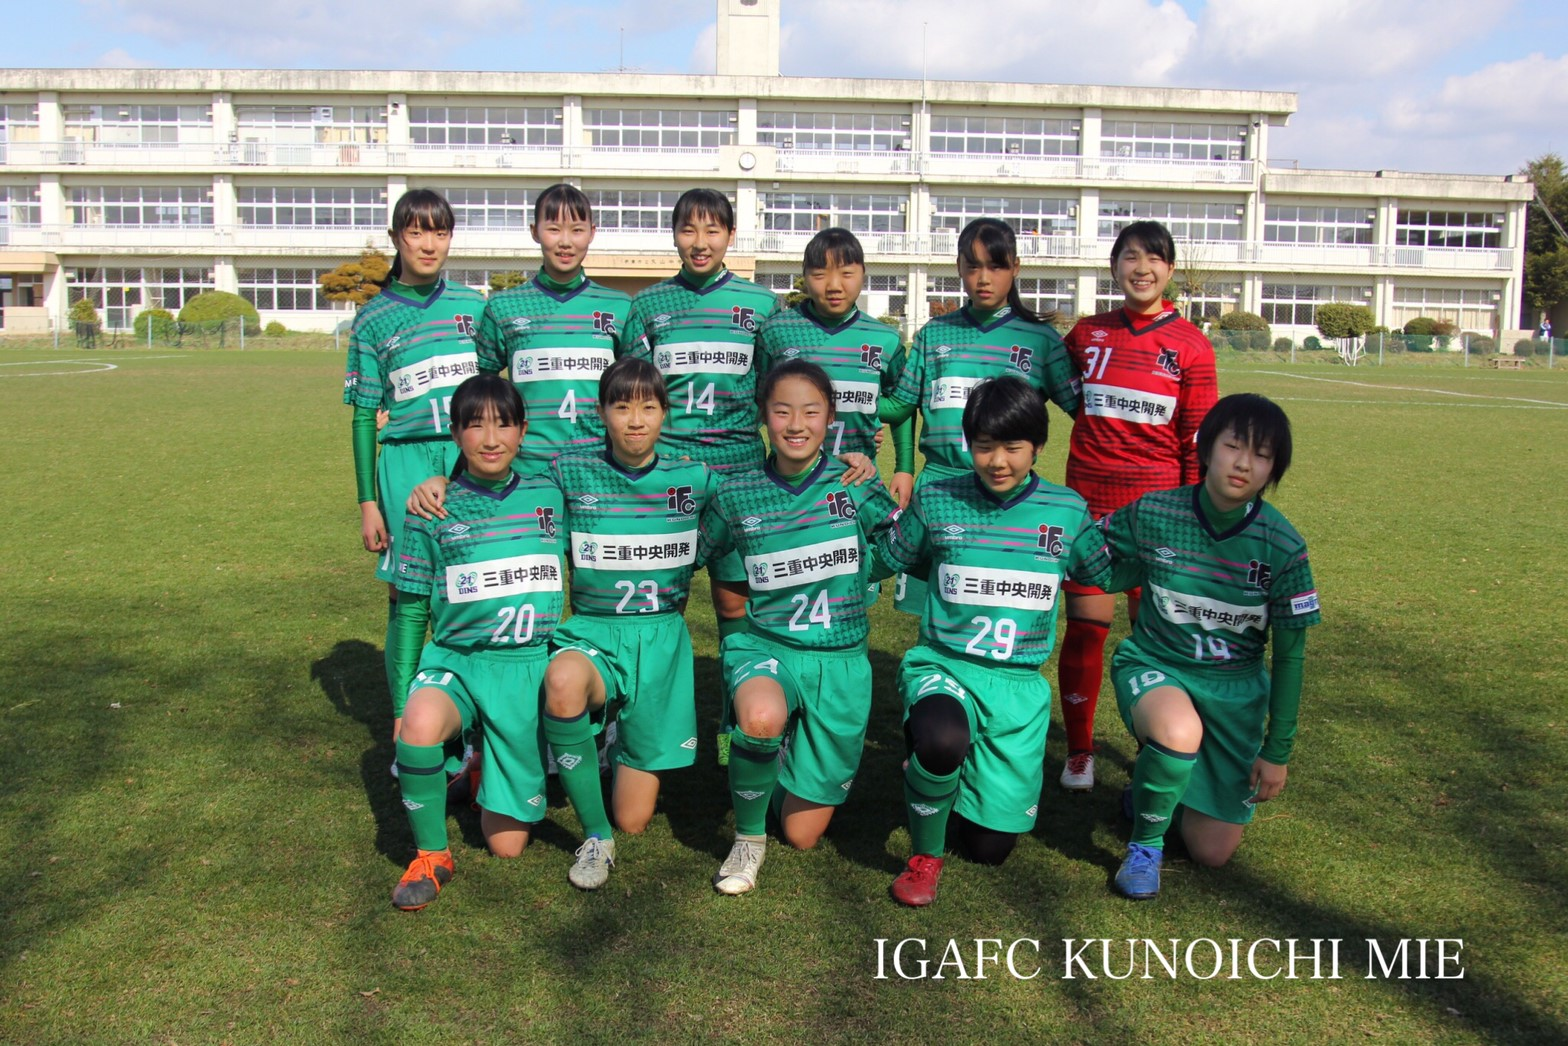 【伊賀FCくノ一サテライト】東海女子U15リーグチャレンジ戦 試合結果